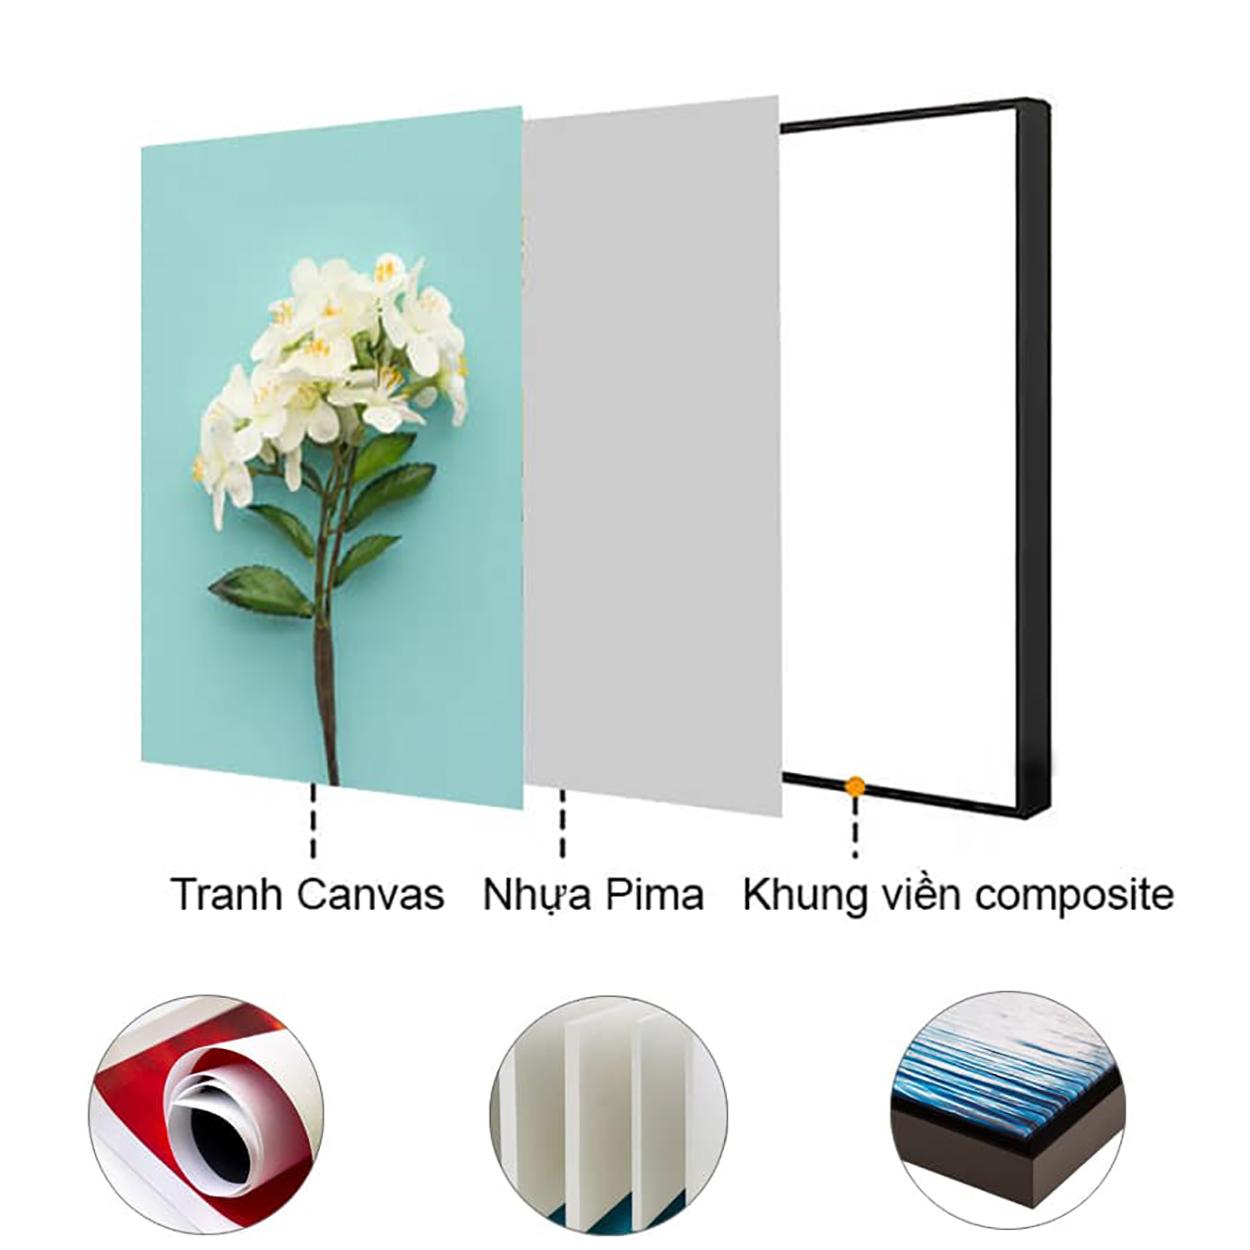 Tranh bộ treo tường - Bộ tranh apple  CC192 - In trên vải canvas kim tuyến , khung composite,  thích hợp treo phòng khách, phòng ngủ, phòng ăn...